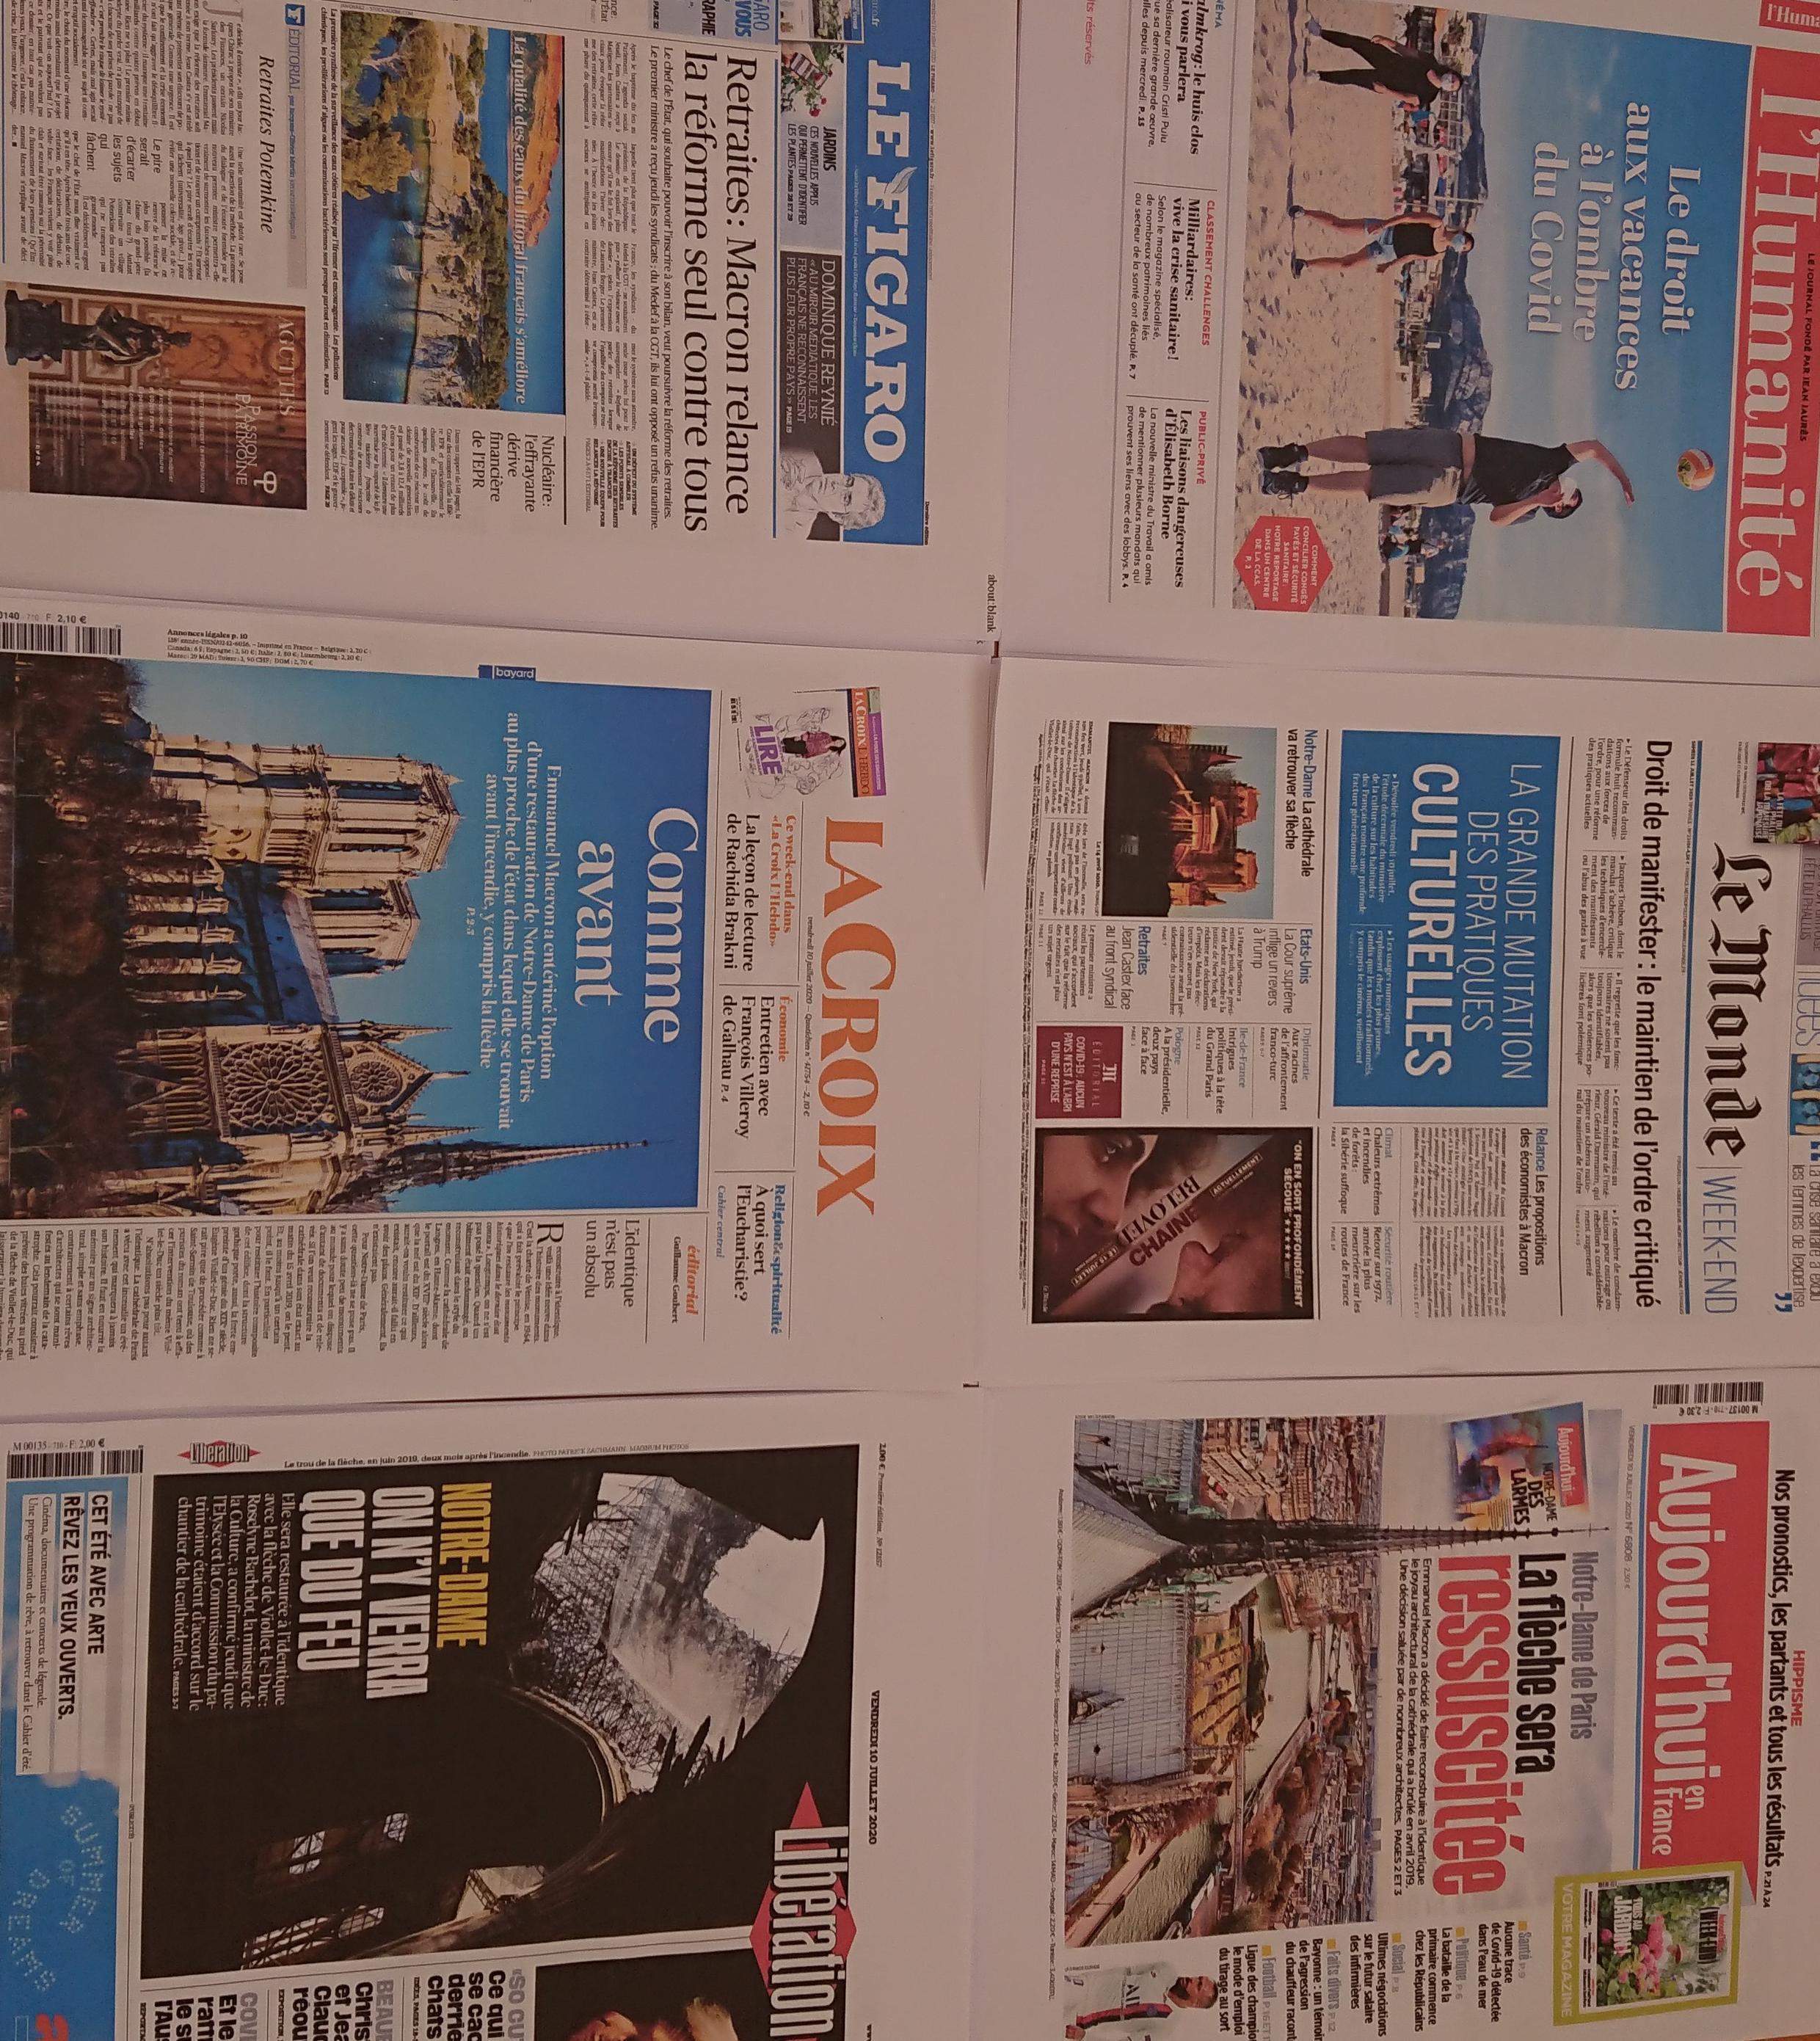 Primeiras páginas de diários franceses 10 07 2020